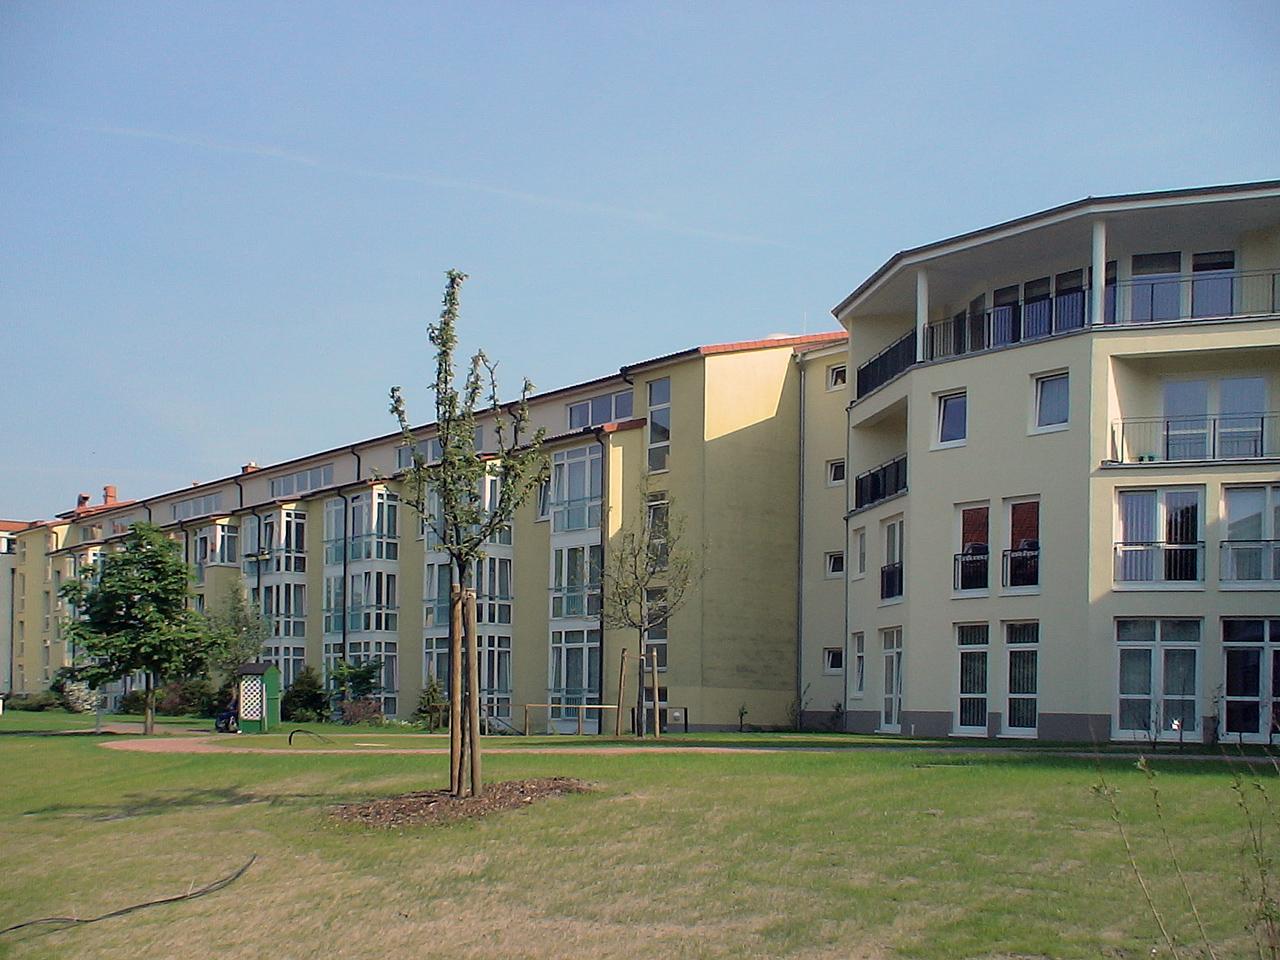 Seniorenwohnheim Ricklingen